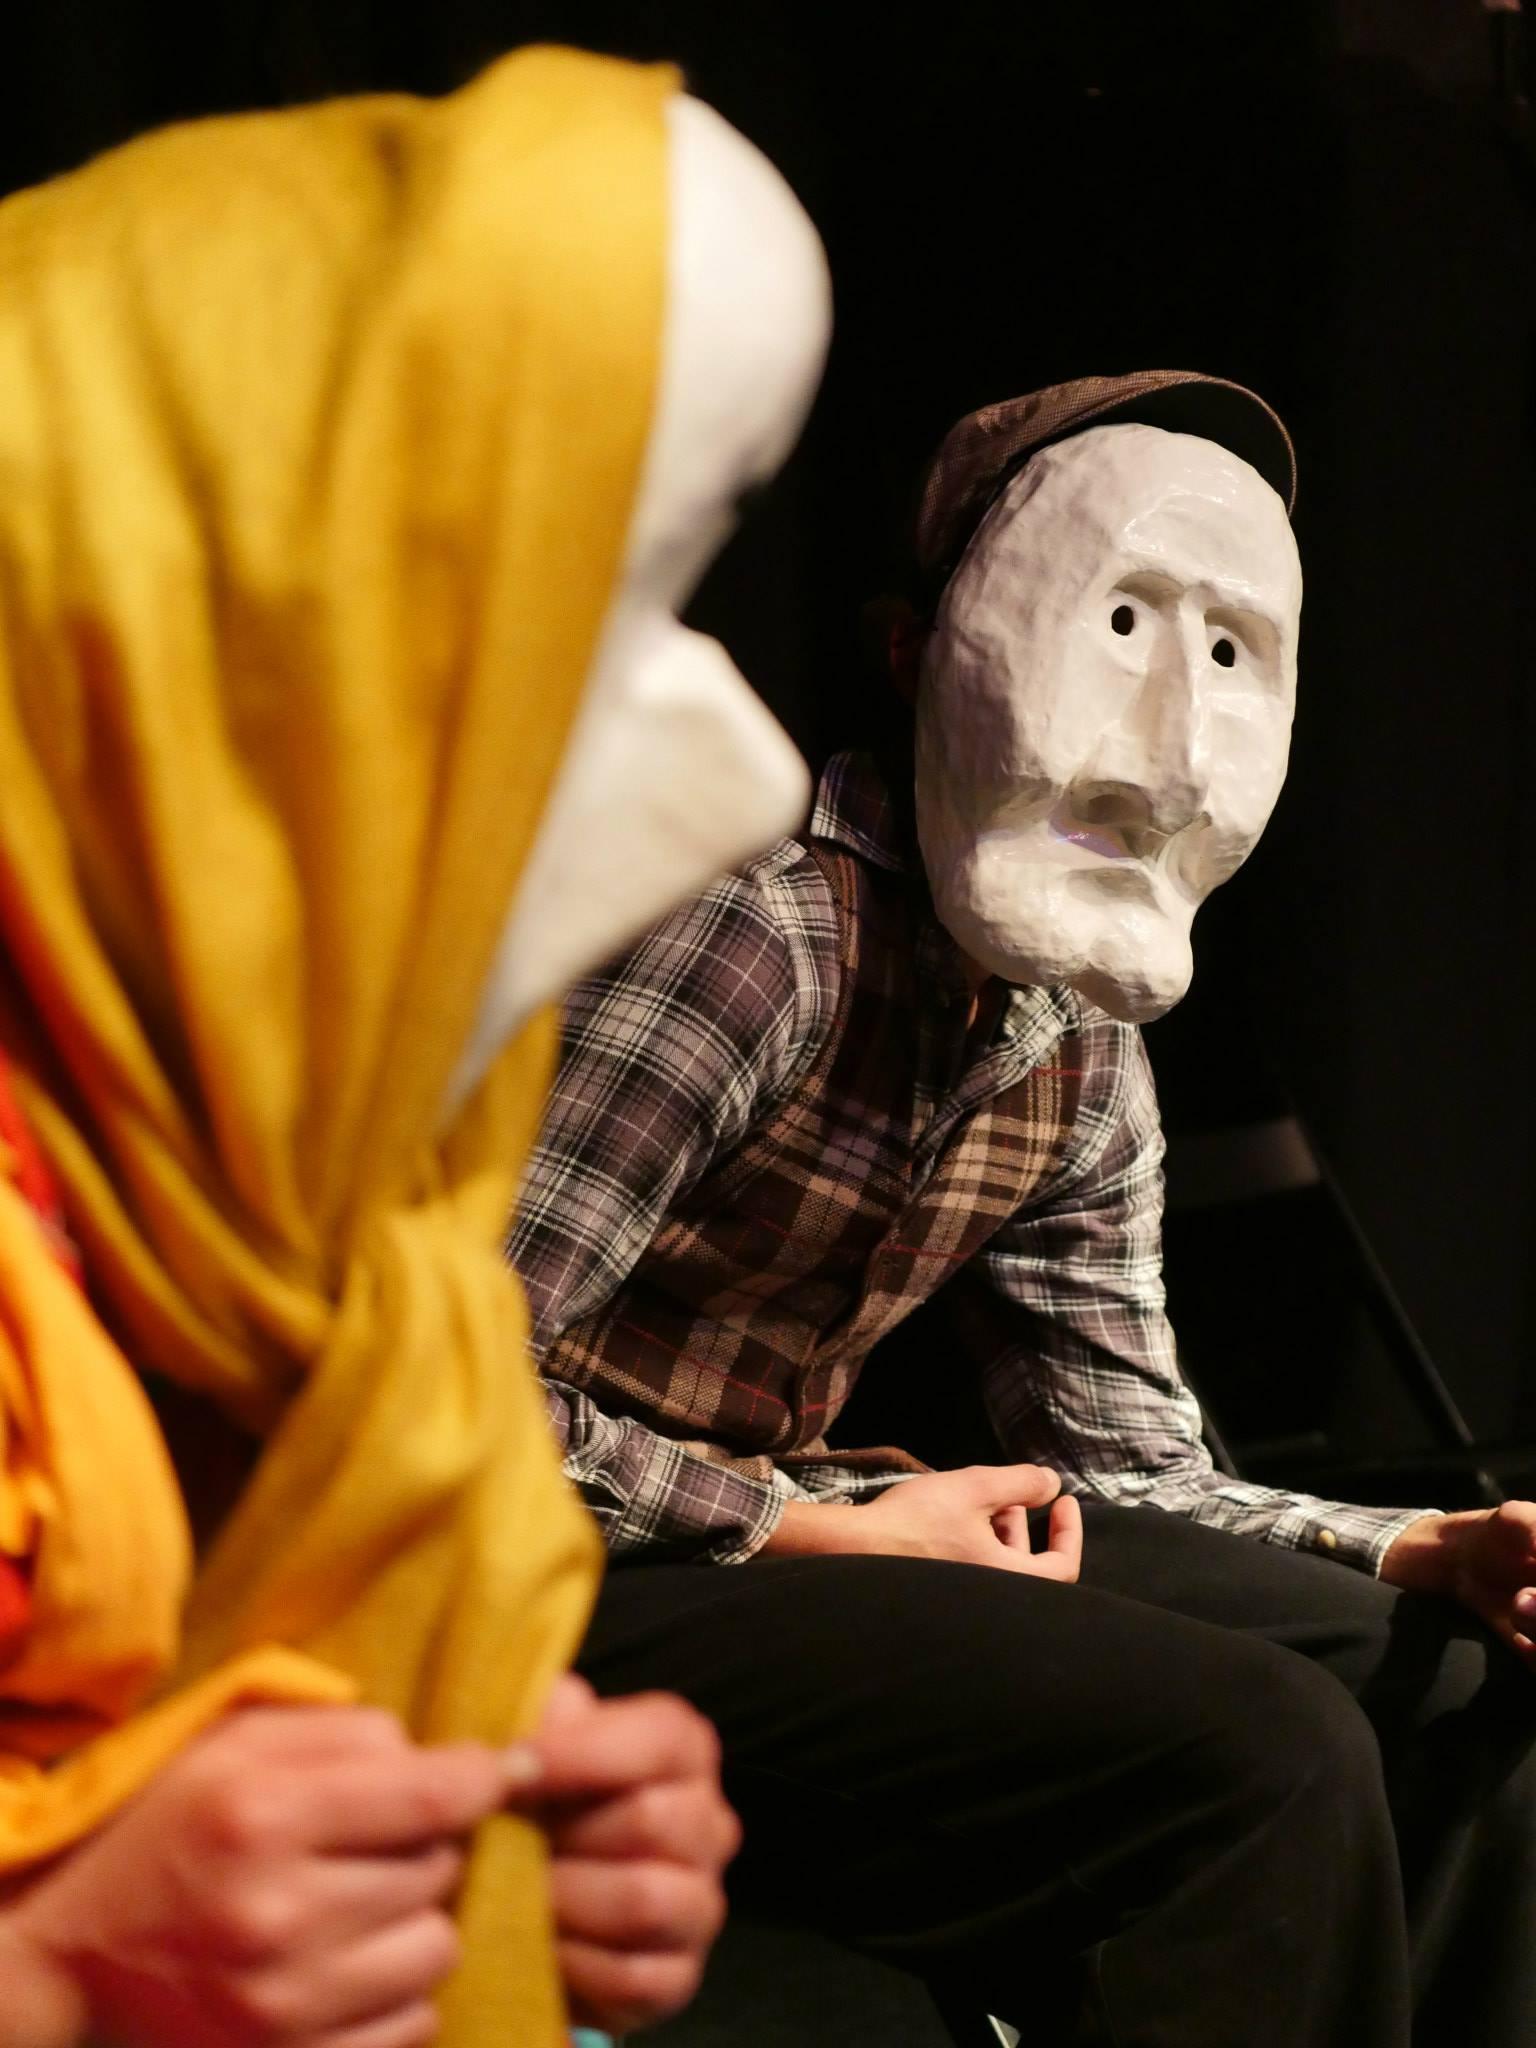 Mascaras Larvares Lecoq Evoé -Escola de Atoctores act theater school